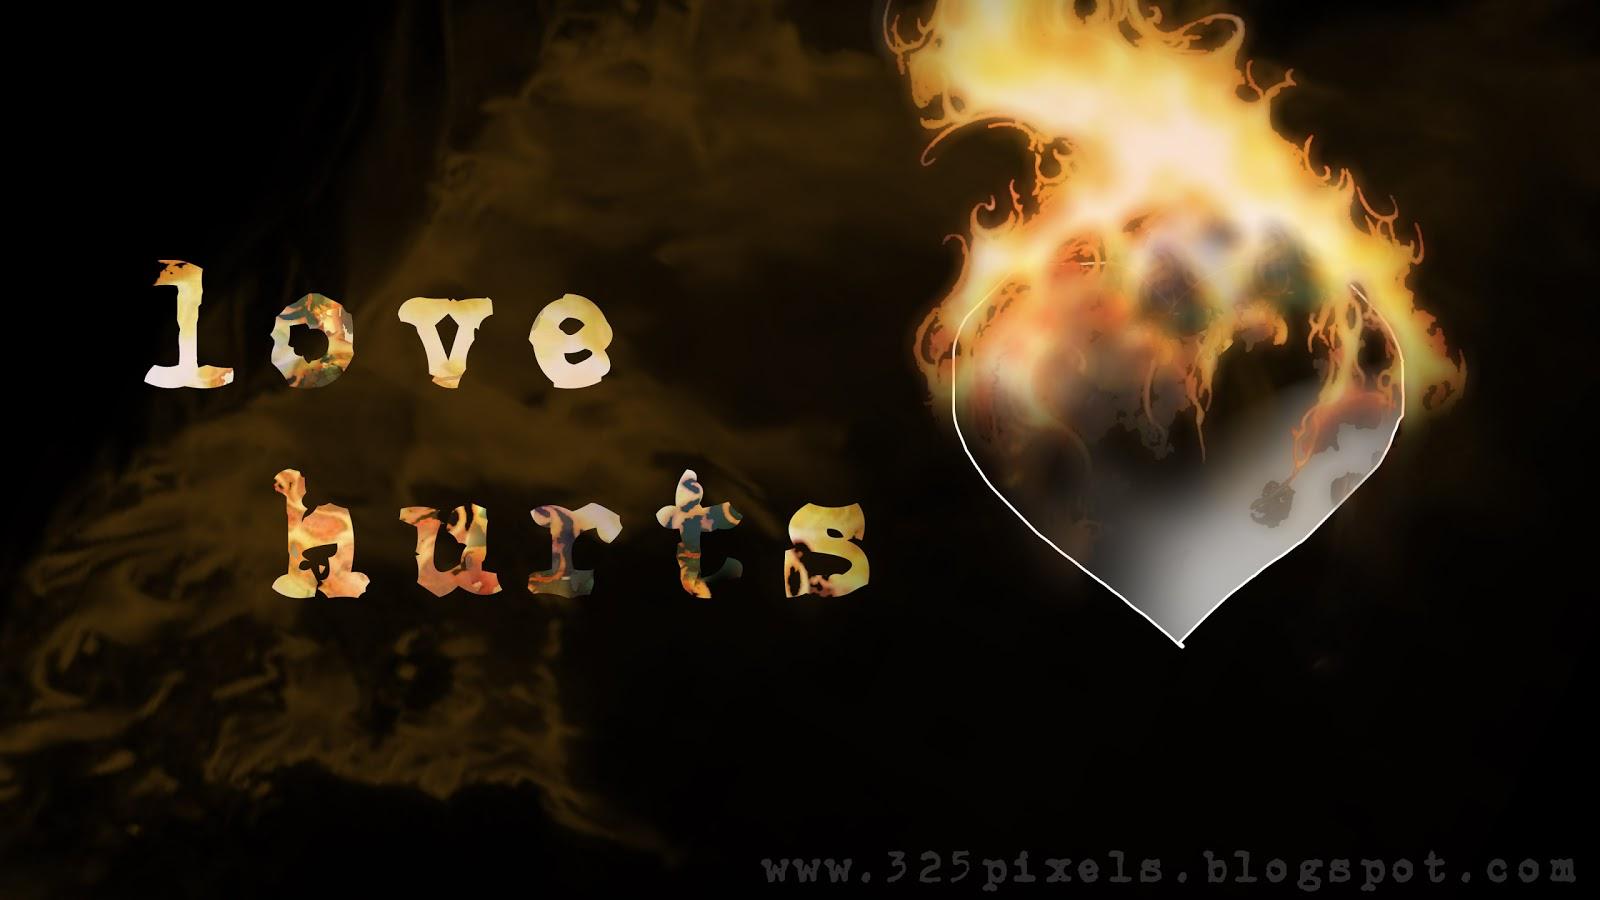 Beautiful love symbol wallpapers Free vector for free  - beautiful love vector wallpapers